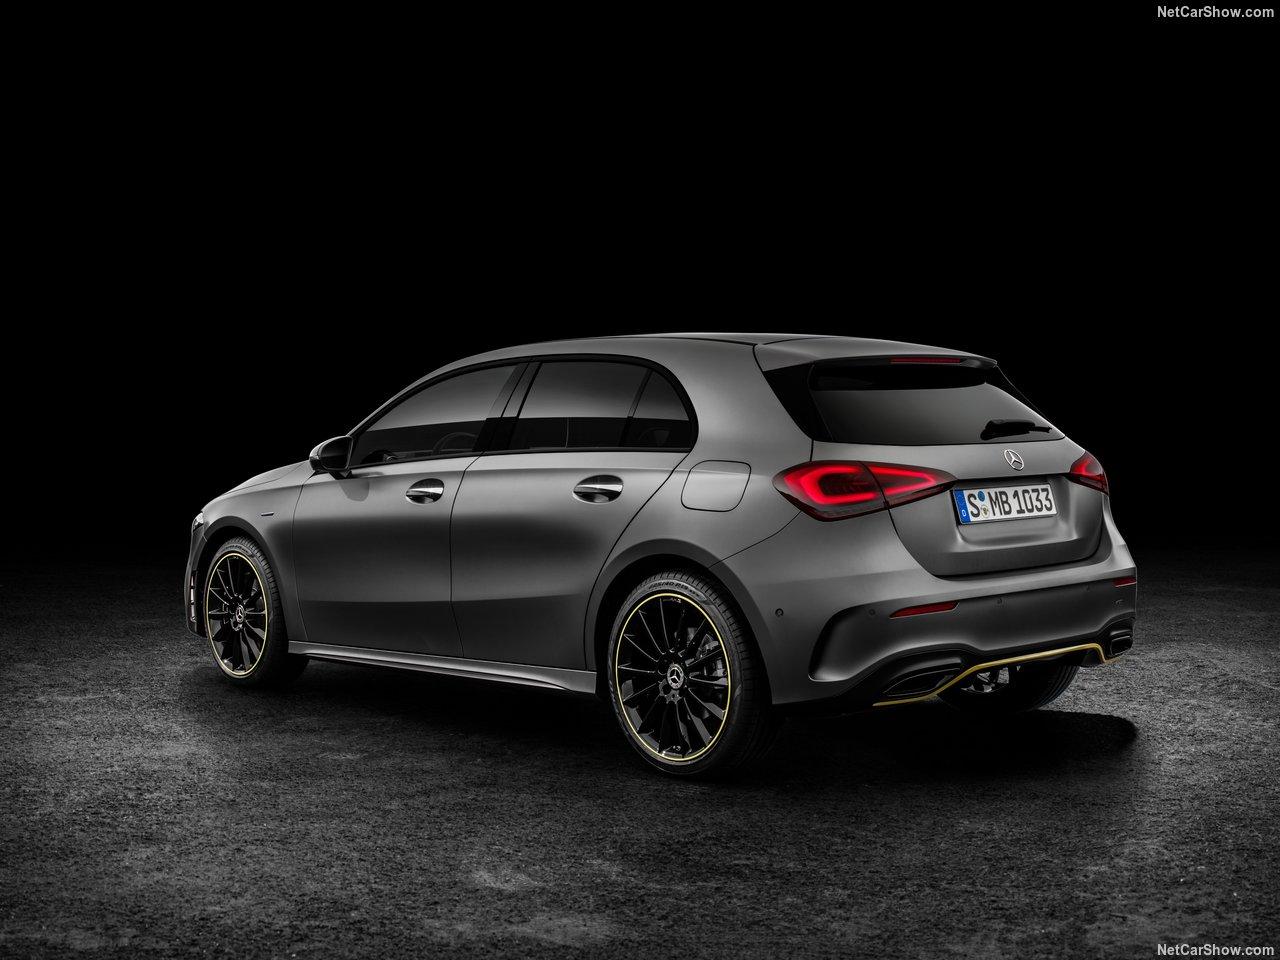 Mercedes-Benz-A-Class-2019-1280-2a.jpg